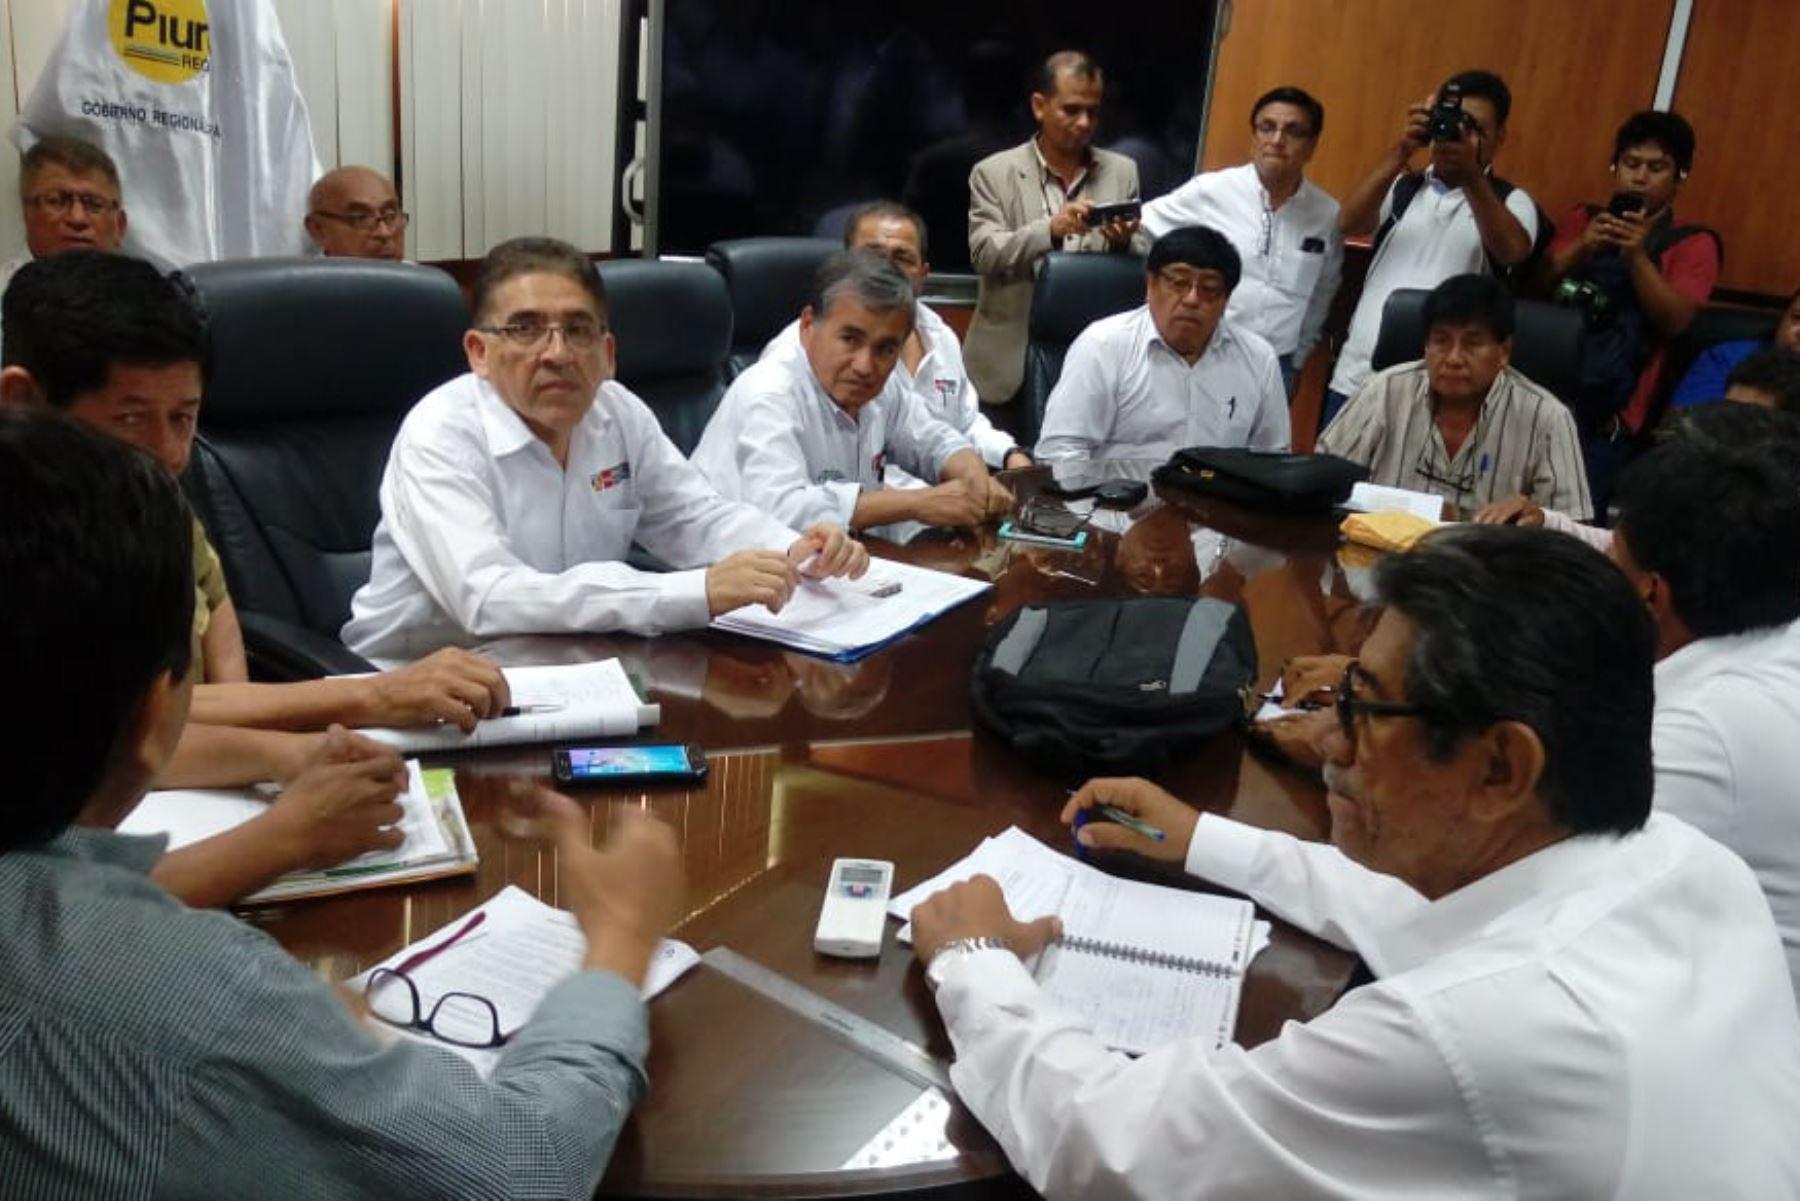 El viceministro de Políticas Agrarias, William Arteaga, encabezó instalación de mesa de diálogo con los productores de mango del valle piurano de San Lorenzo.